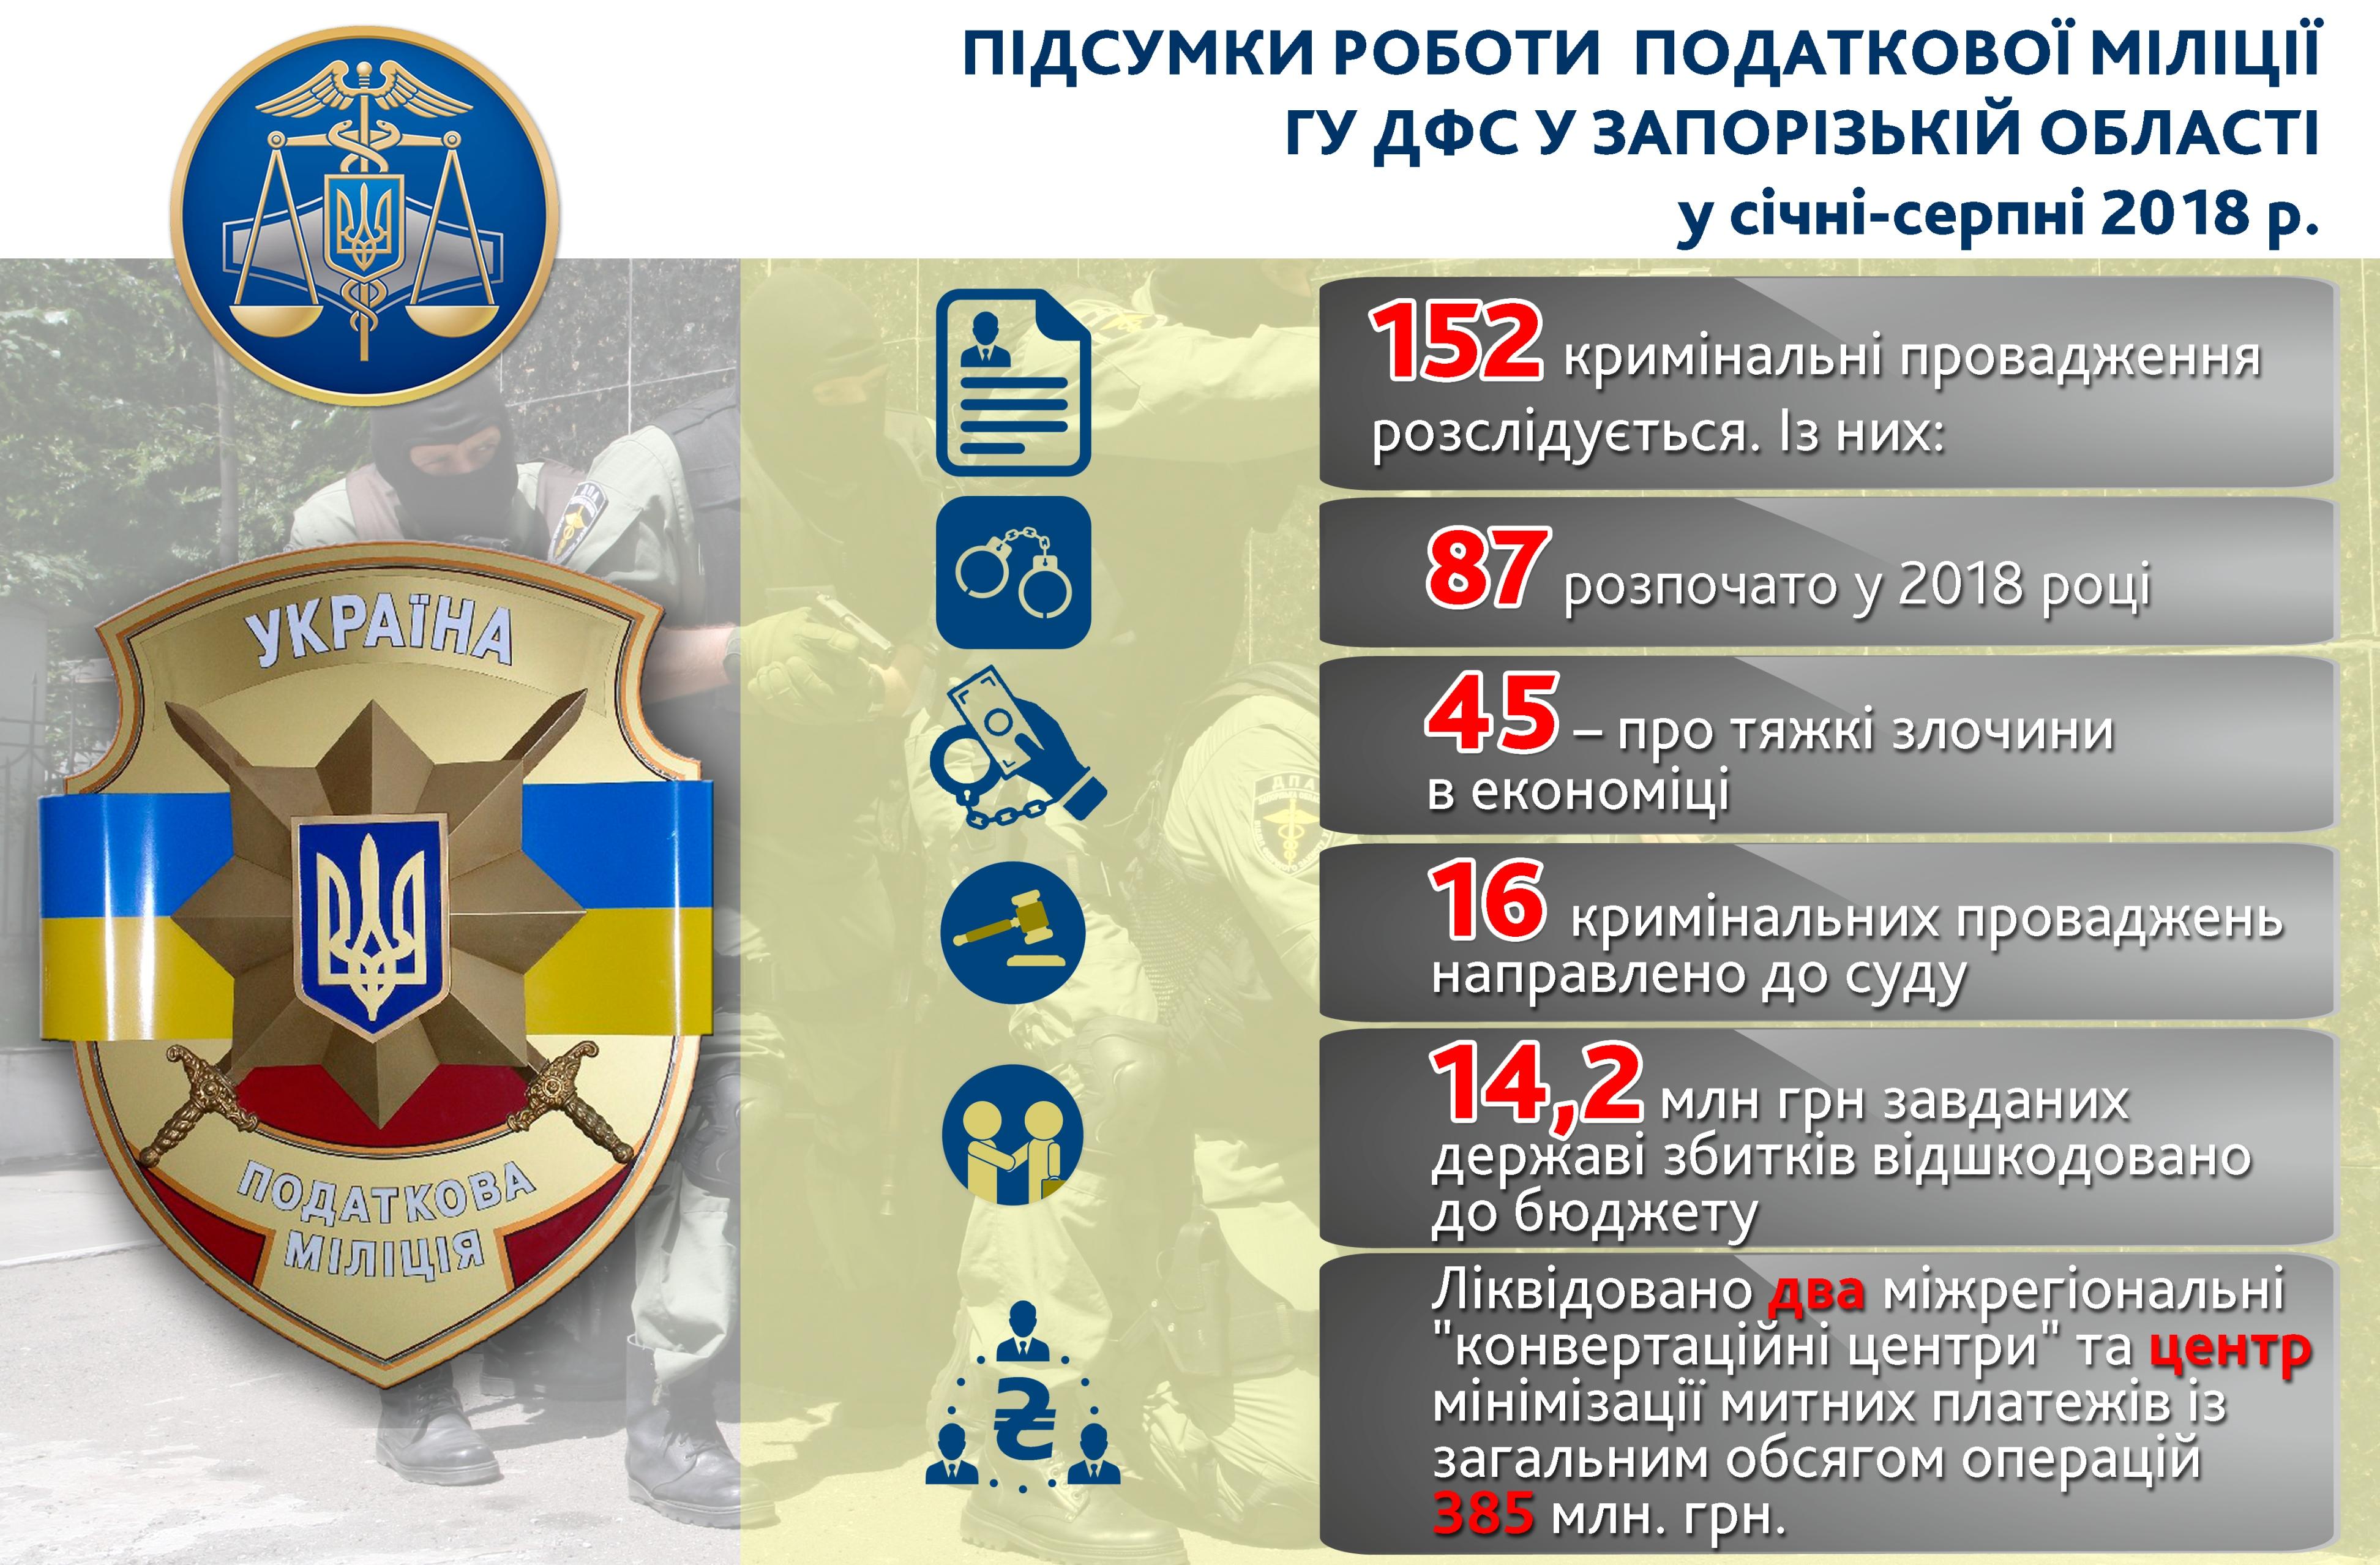 pod_militsiya_8_mis